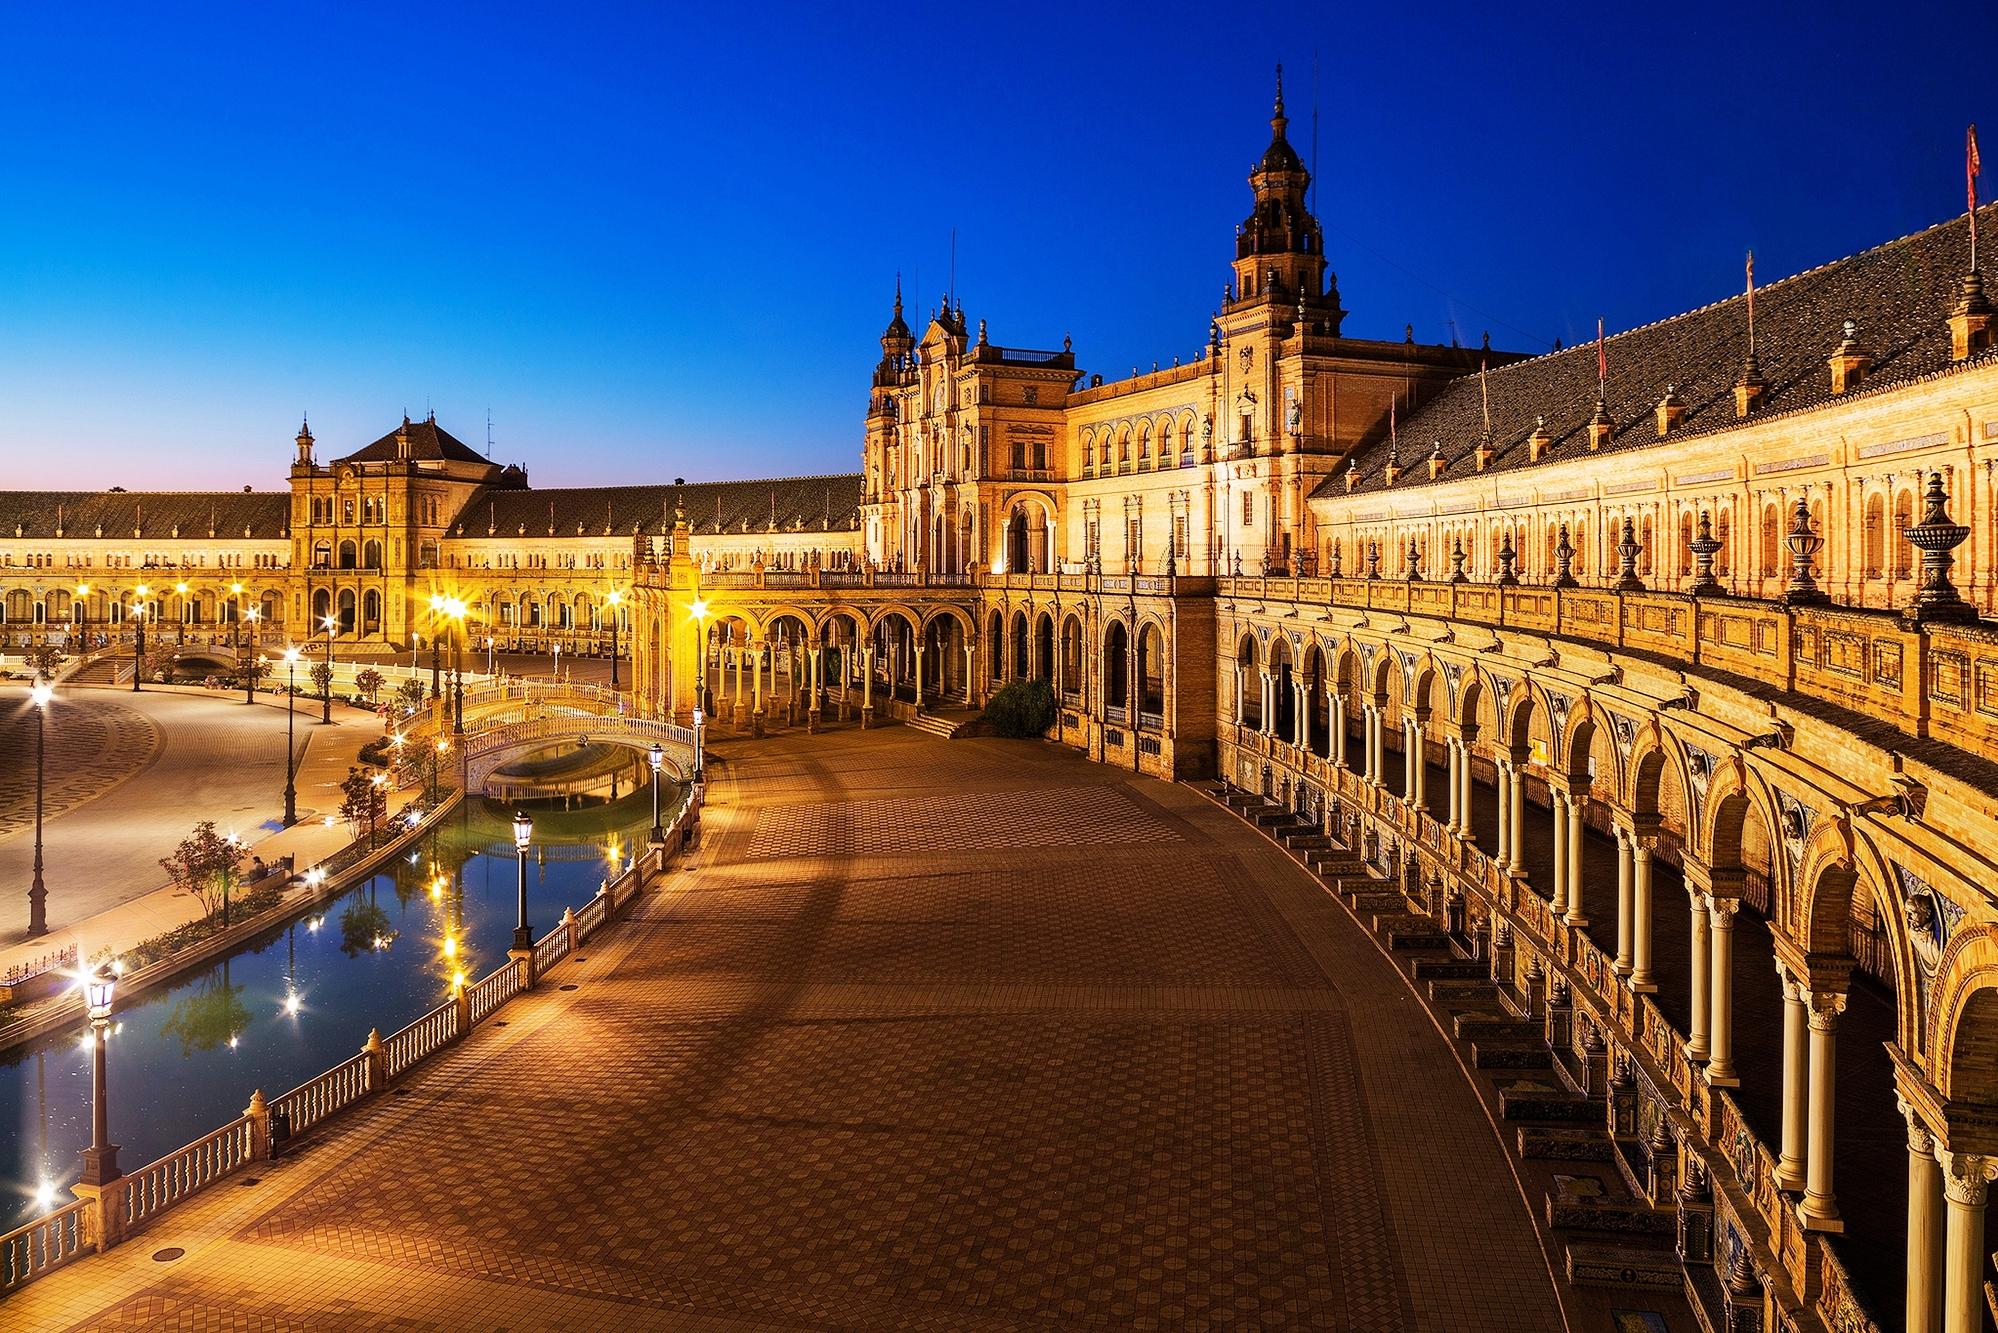 Где можно отдохнуть в Испании зимой: культурный отдых и осмотр достопримечатльностей